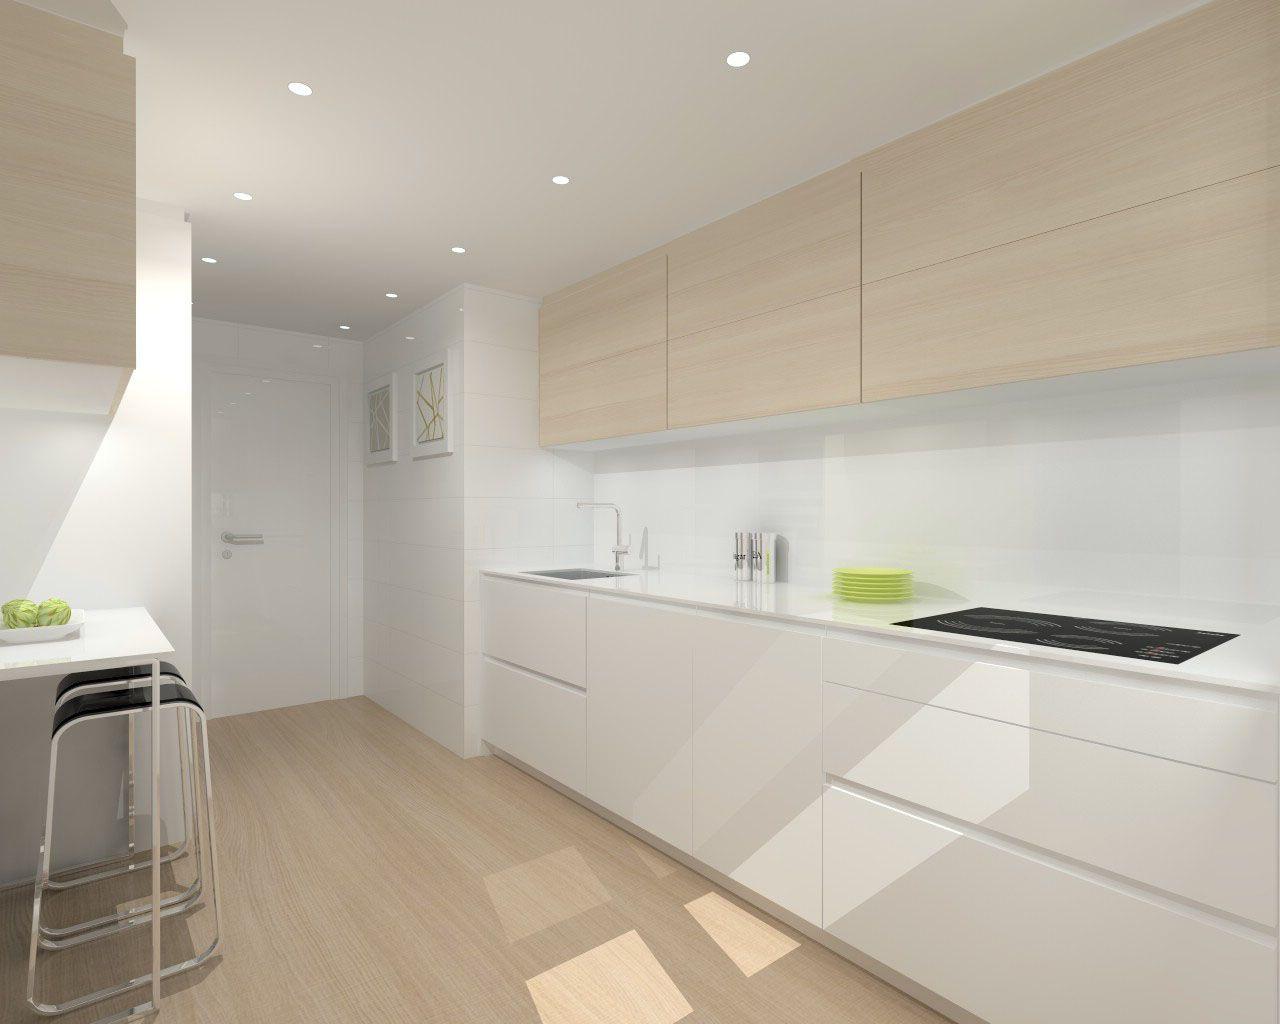 Modelo ariane e con encimera silestone cocina 1 en 2019 for Cocinas alargadas modernas